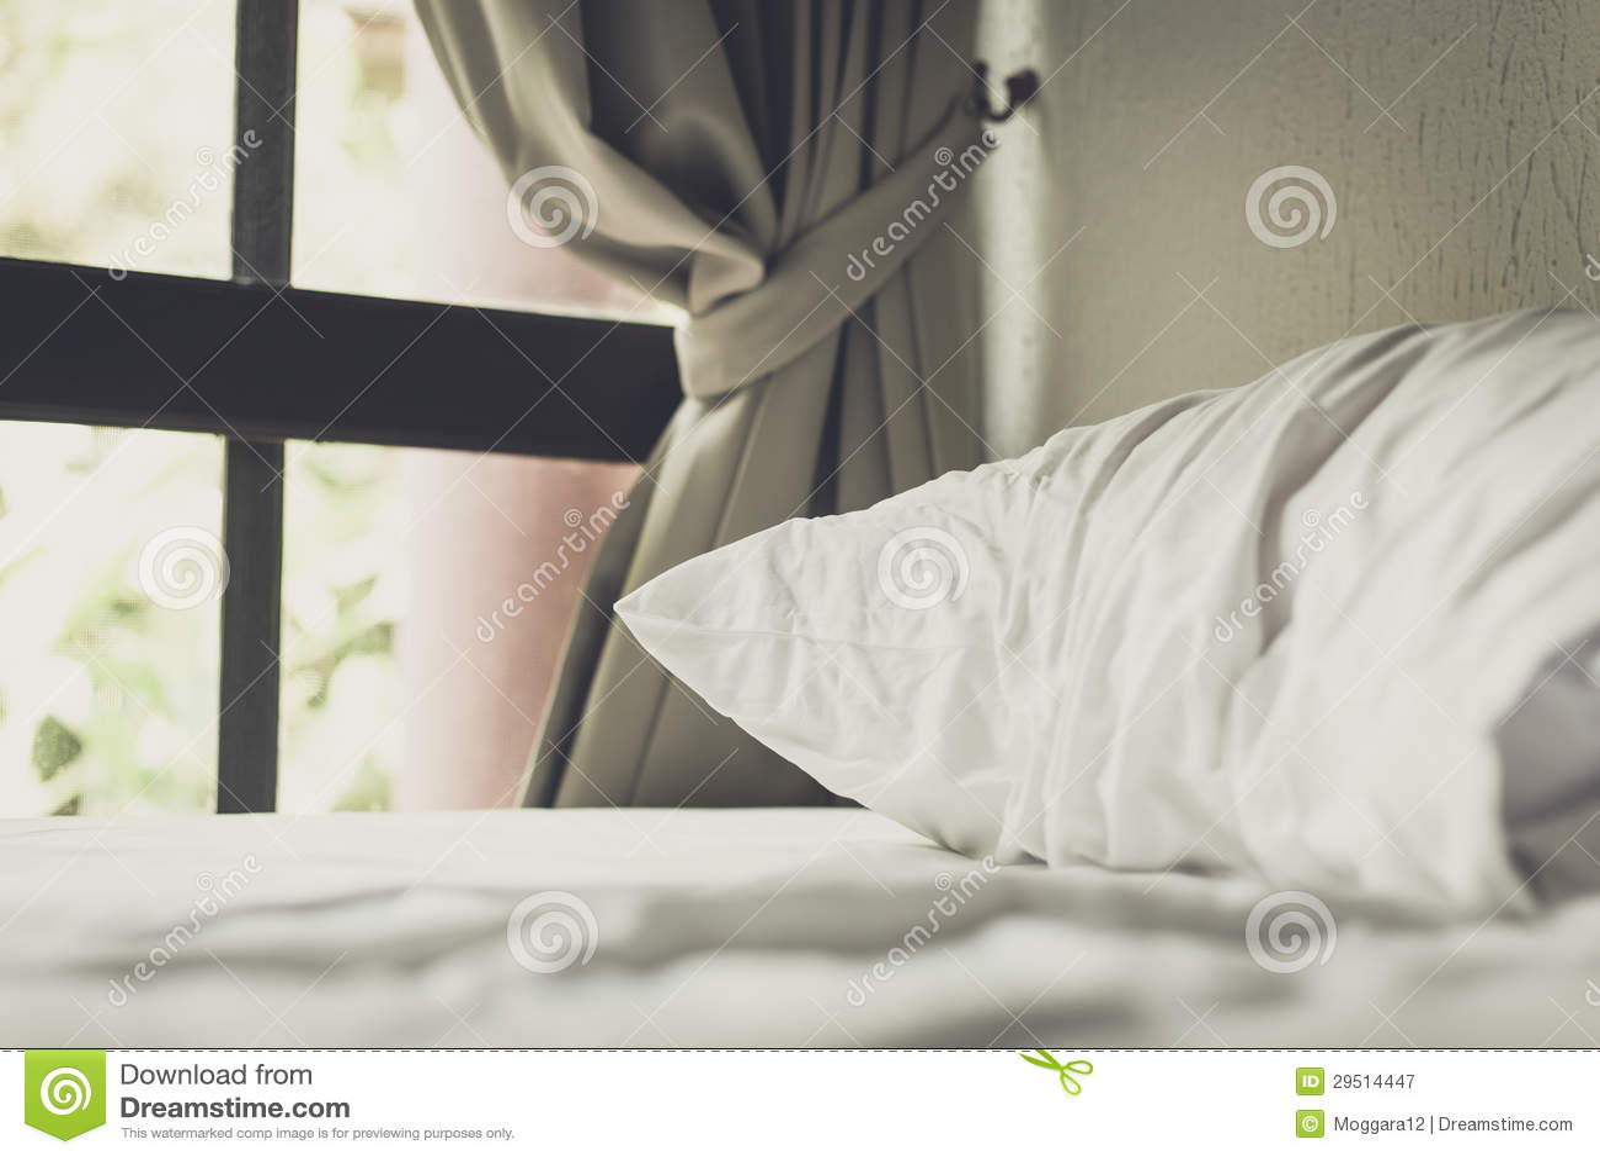 Wit hoofdkussen op bed in ruimte